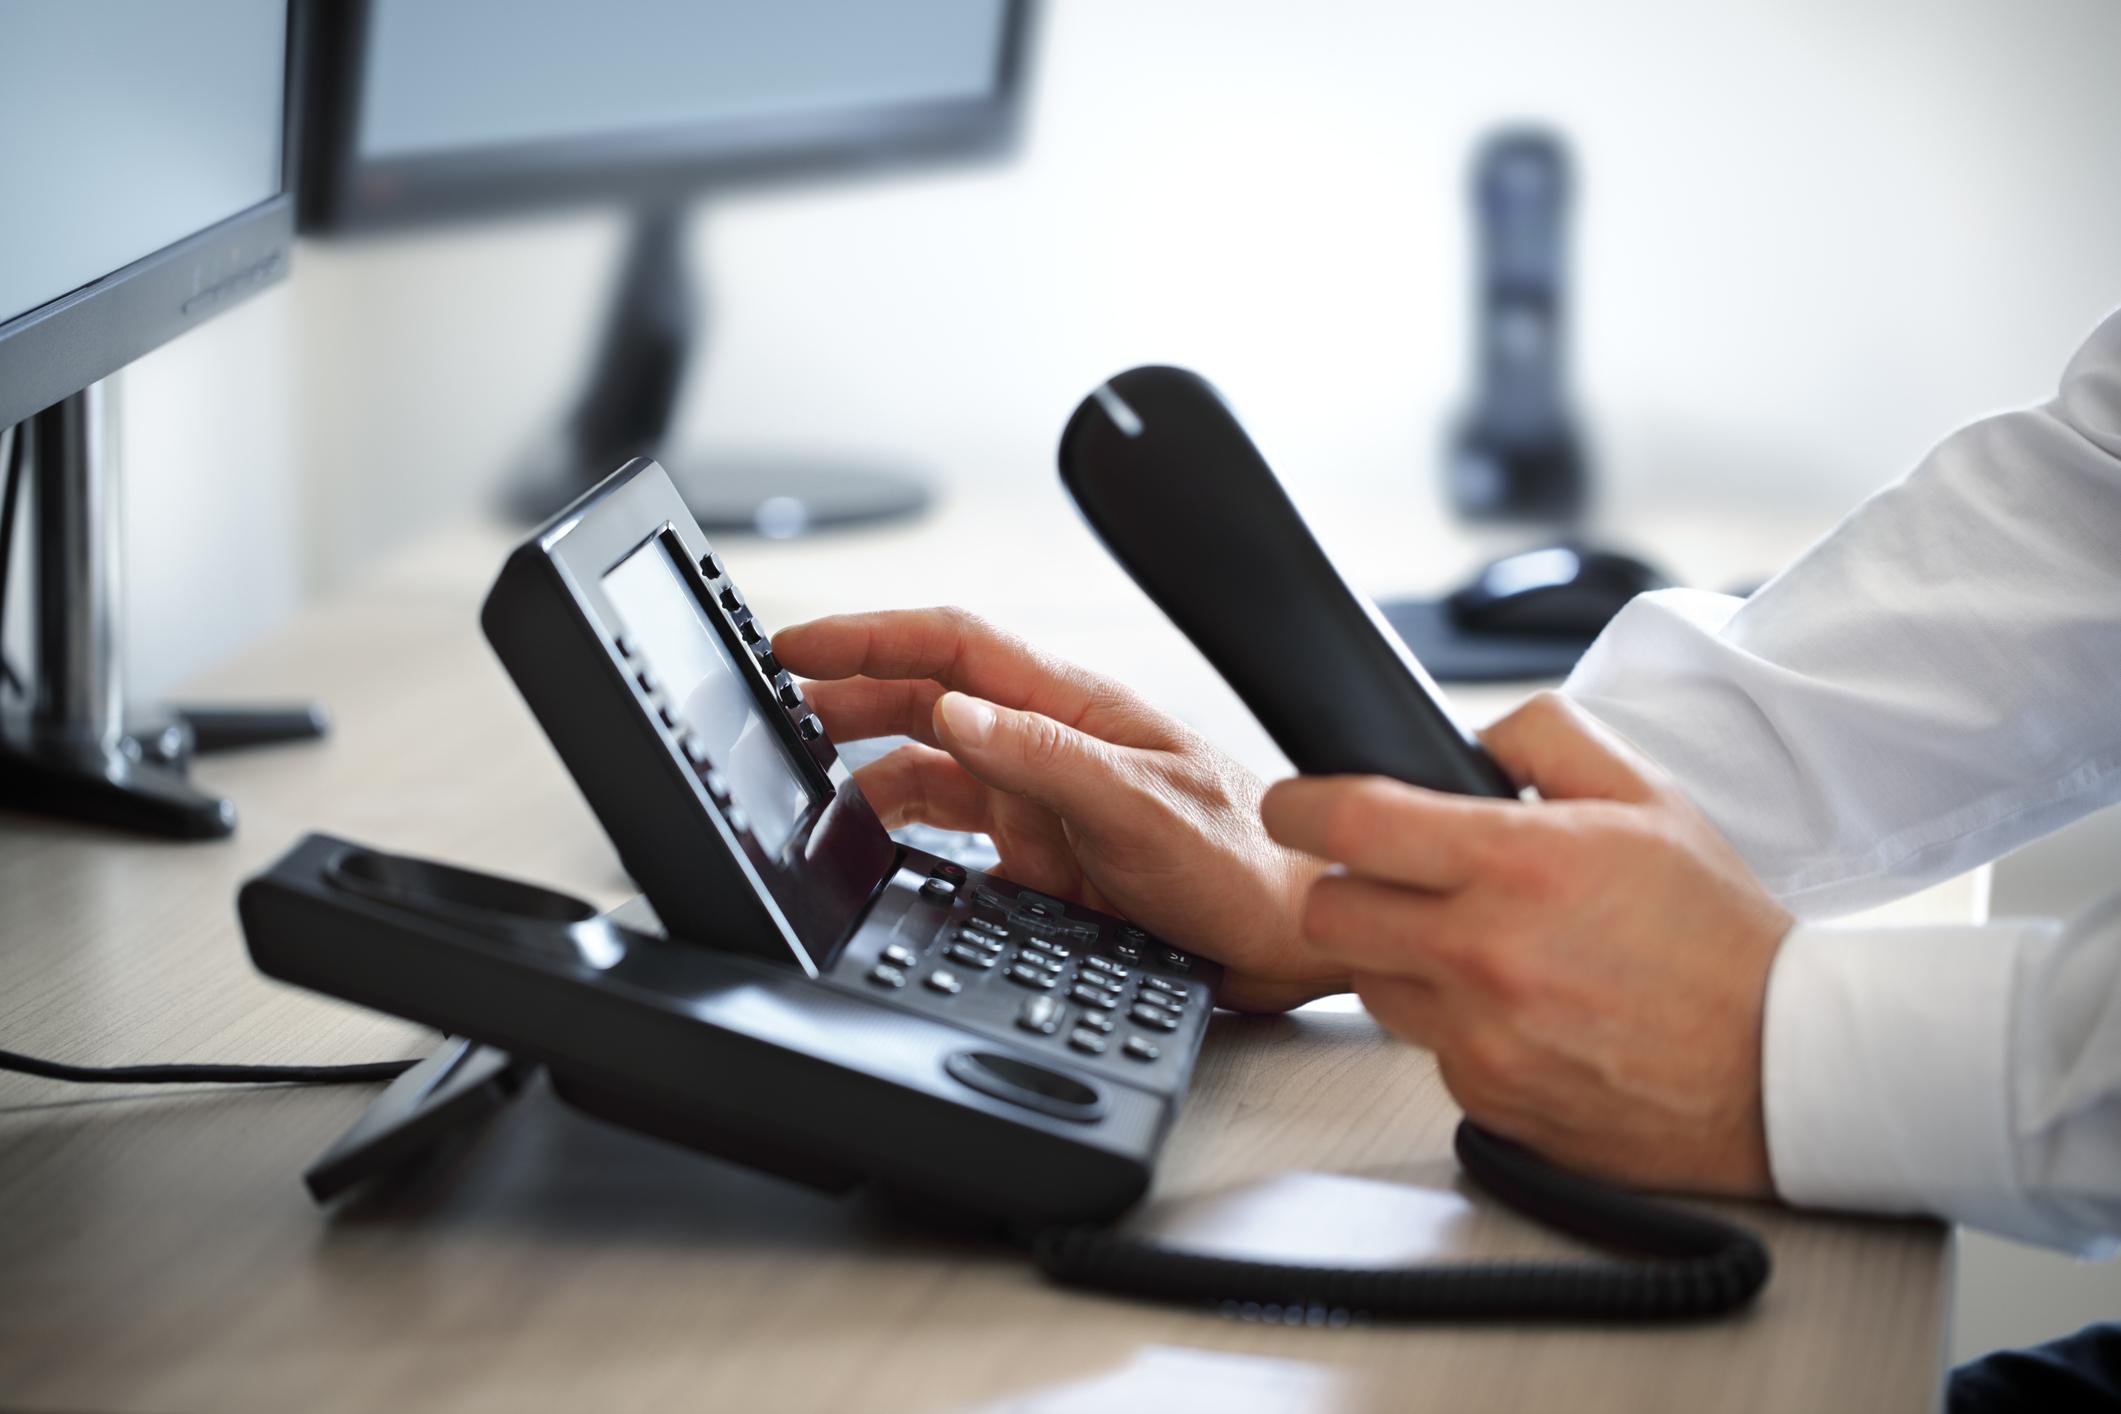 オフィスの開設・移転に伴うビジネスフォンの導入をワンストップでサポート